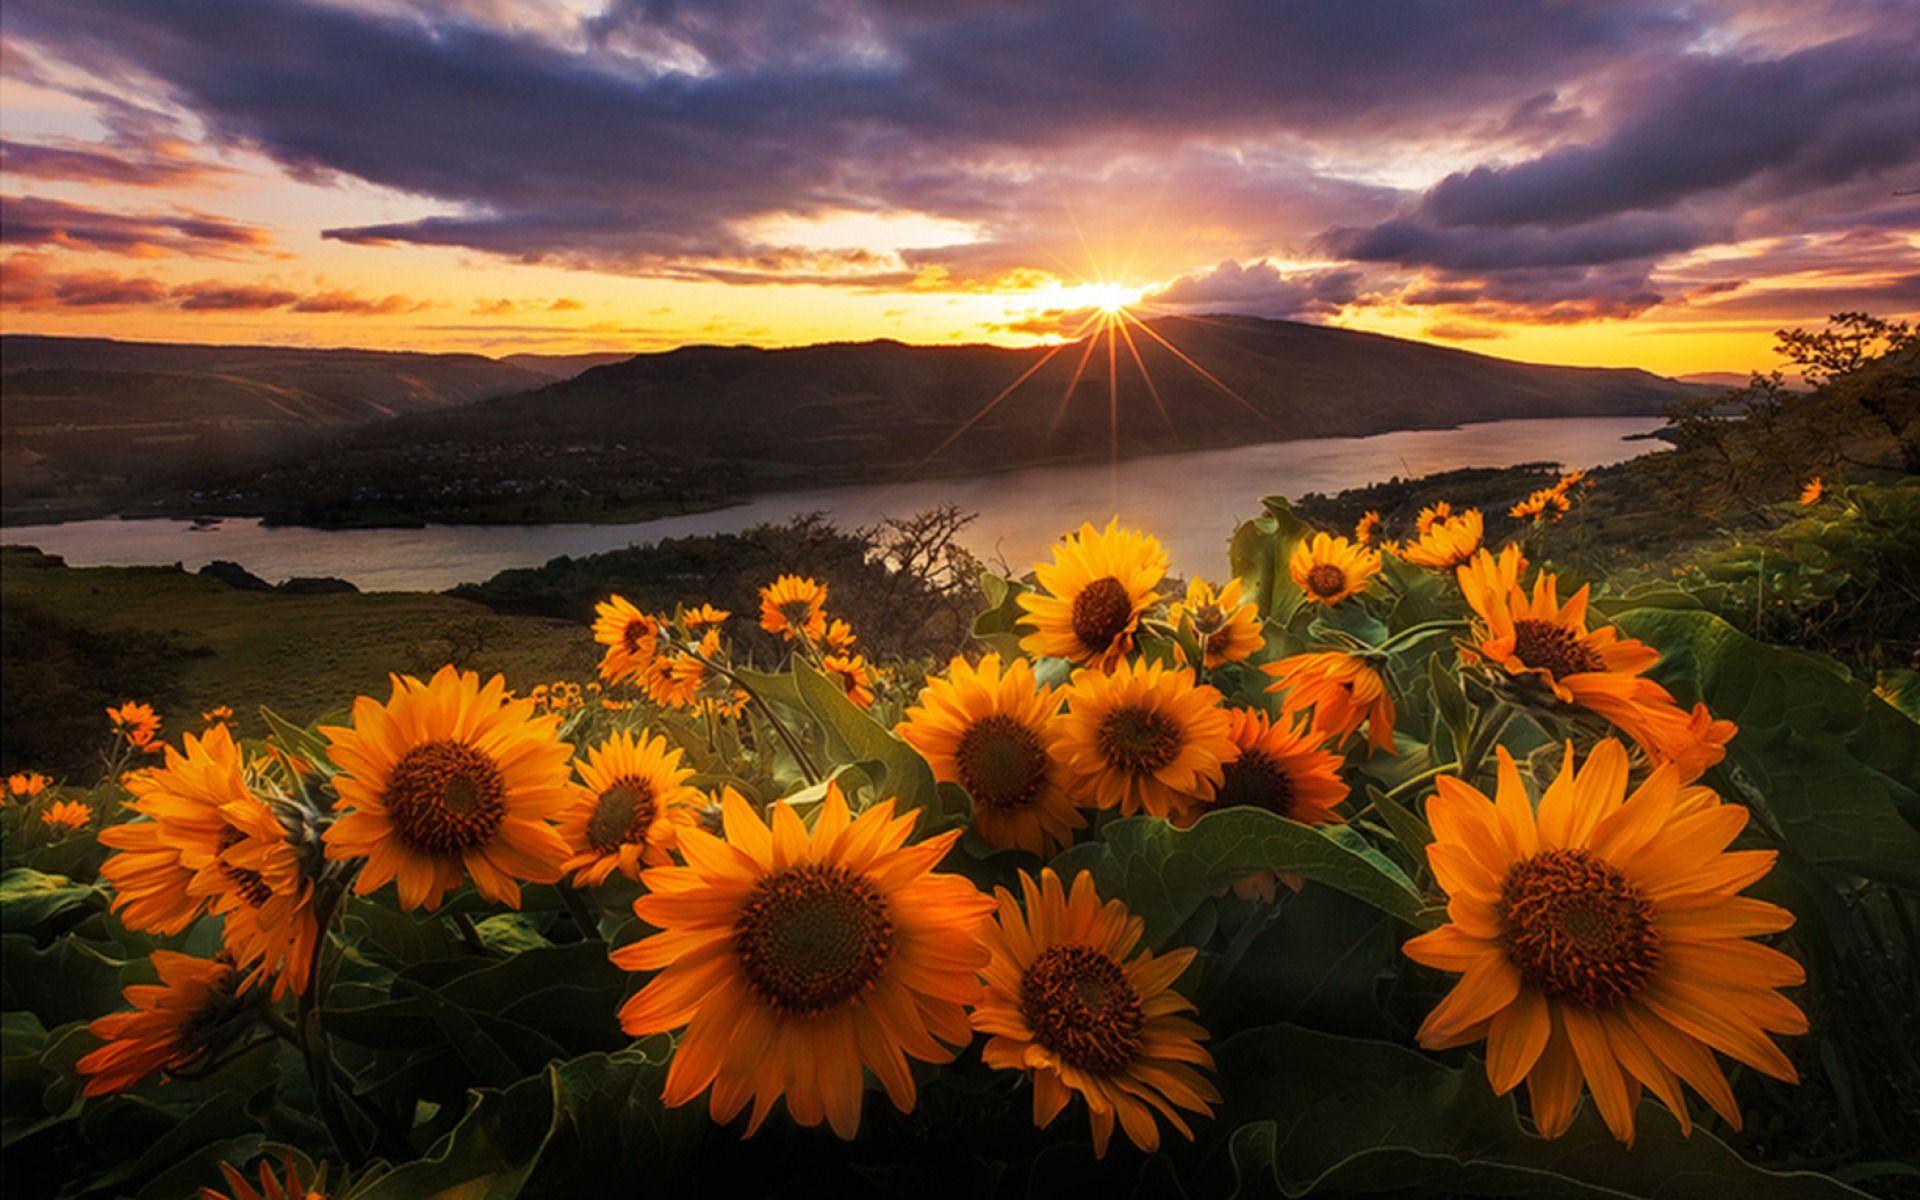 best sunflower wallpaper ideas on pinterest sunflower fields